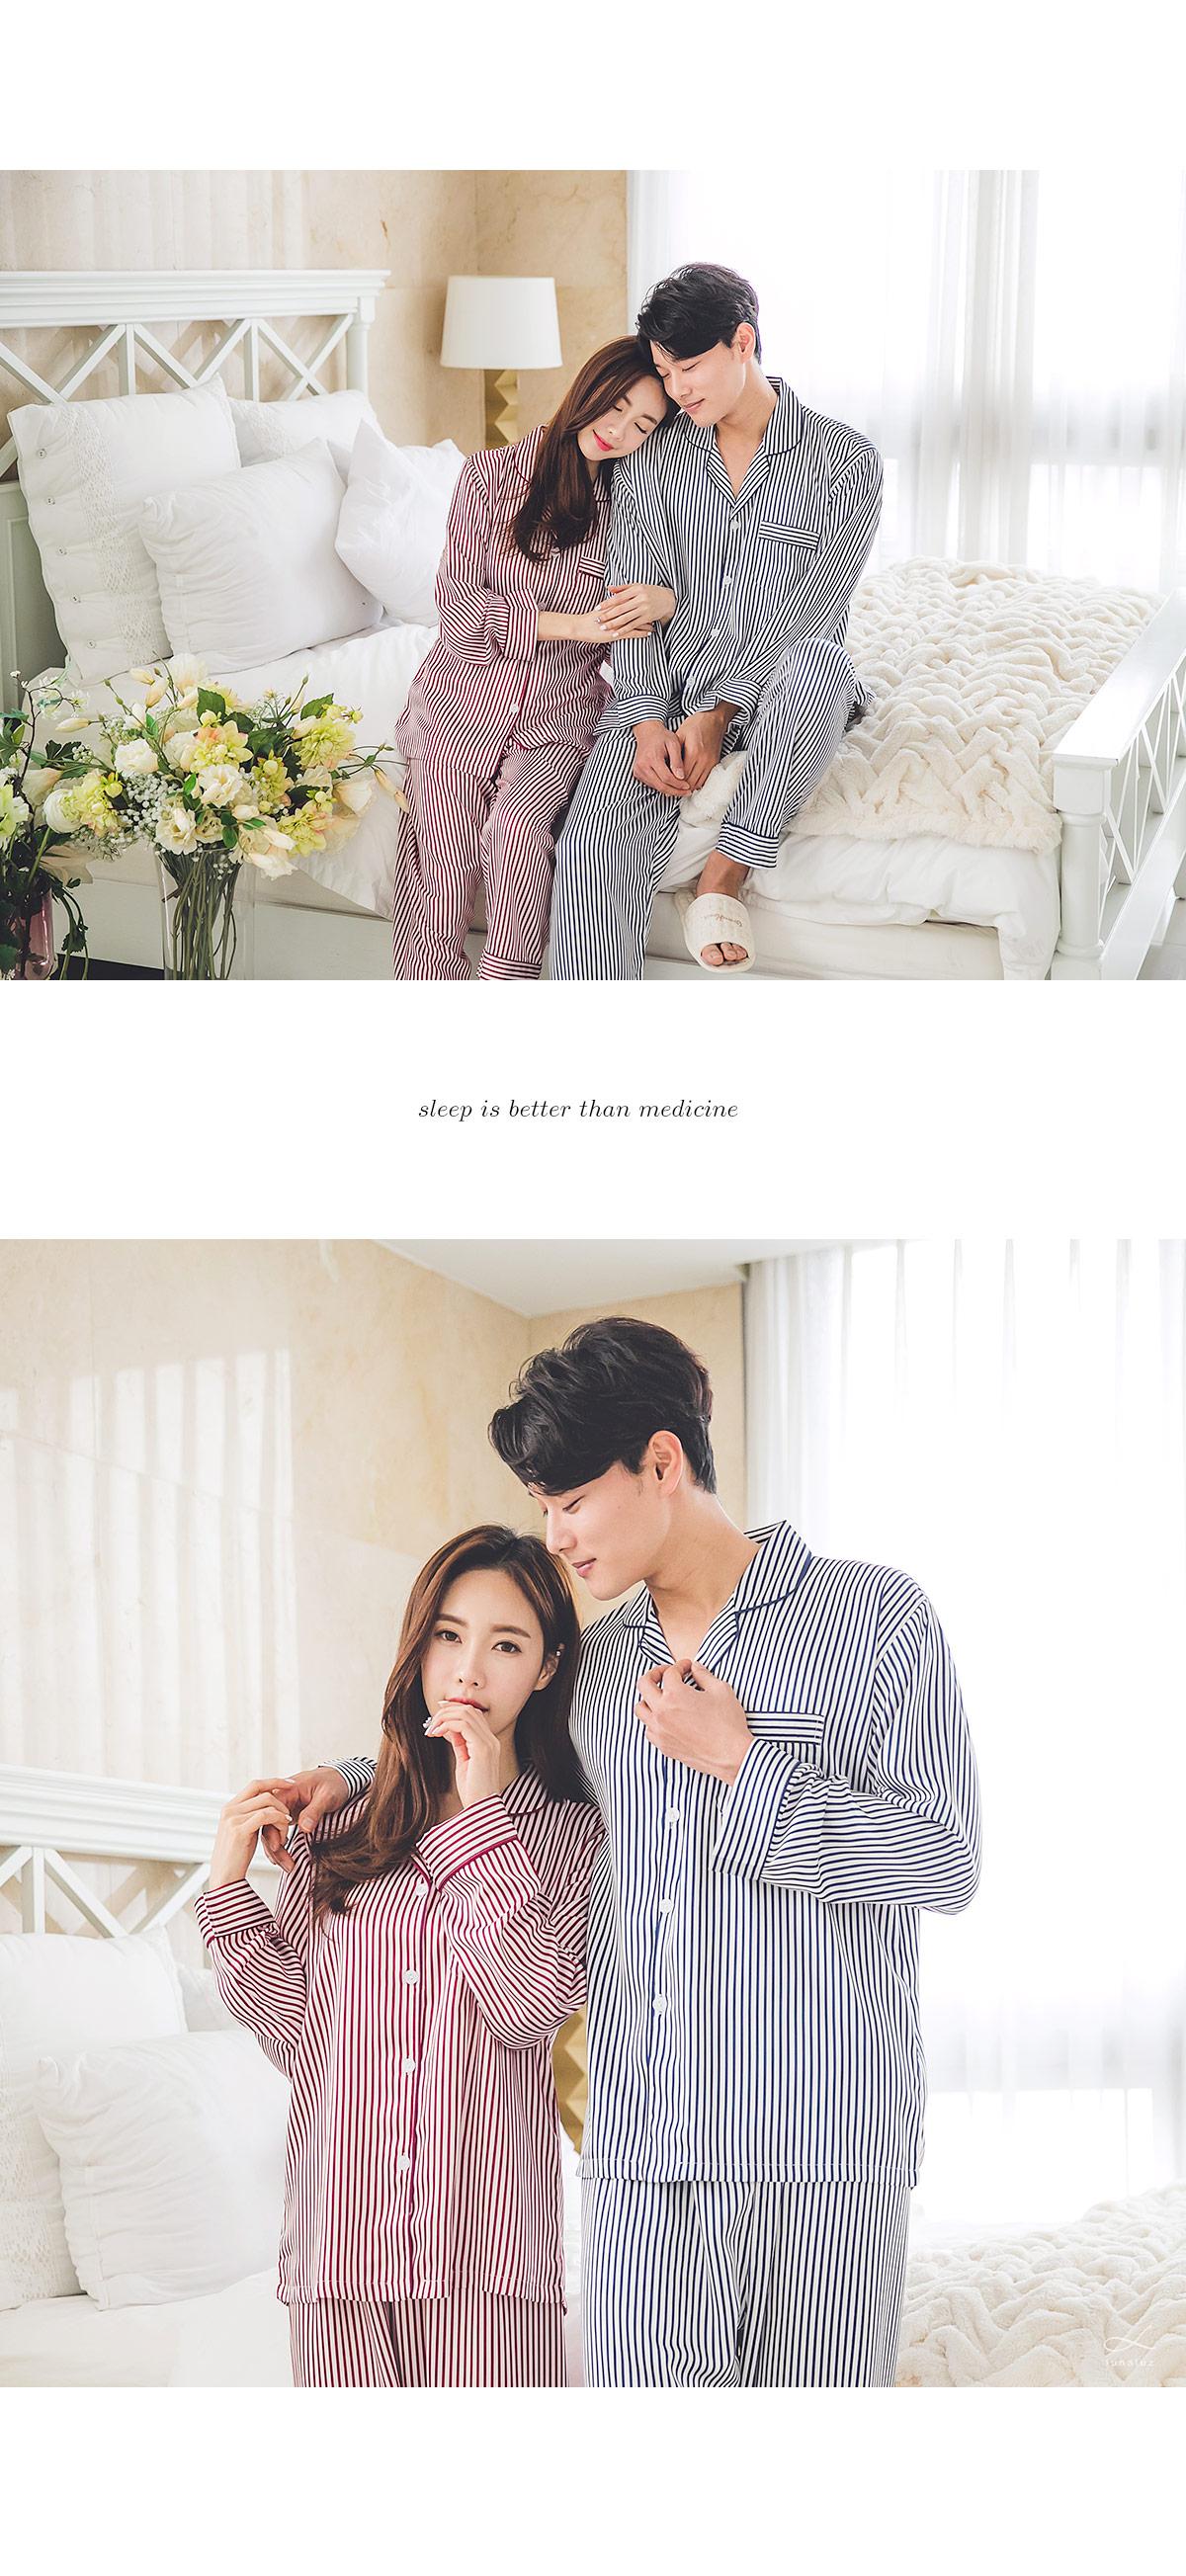 스트라이프 DTY 커플 투피스 잠옷 - 쿠비카, 135,000원, 잠옷, 커플파자마